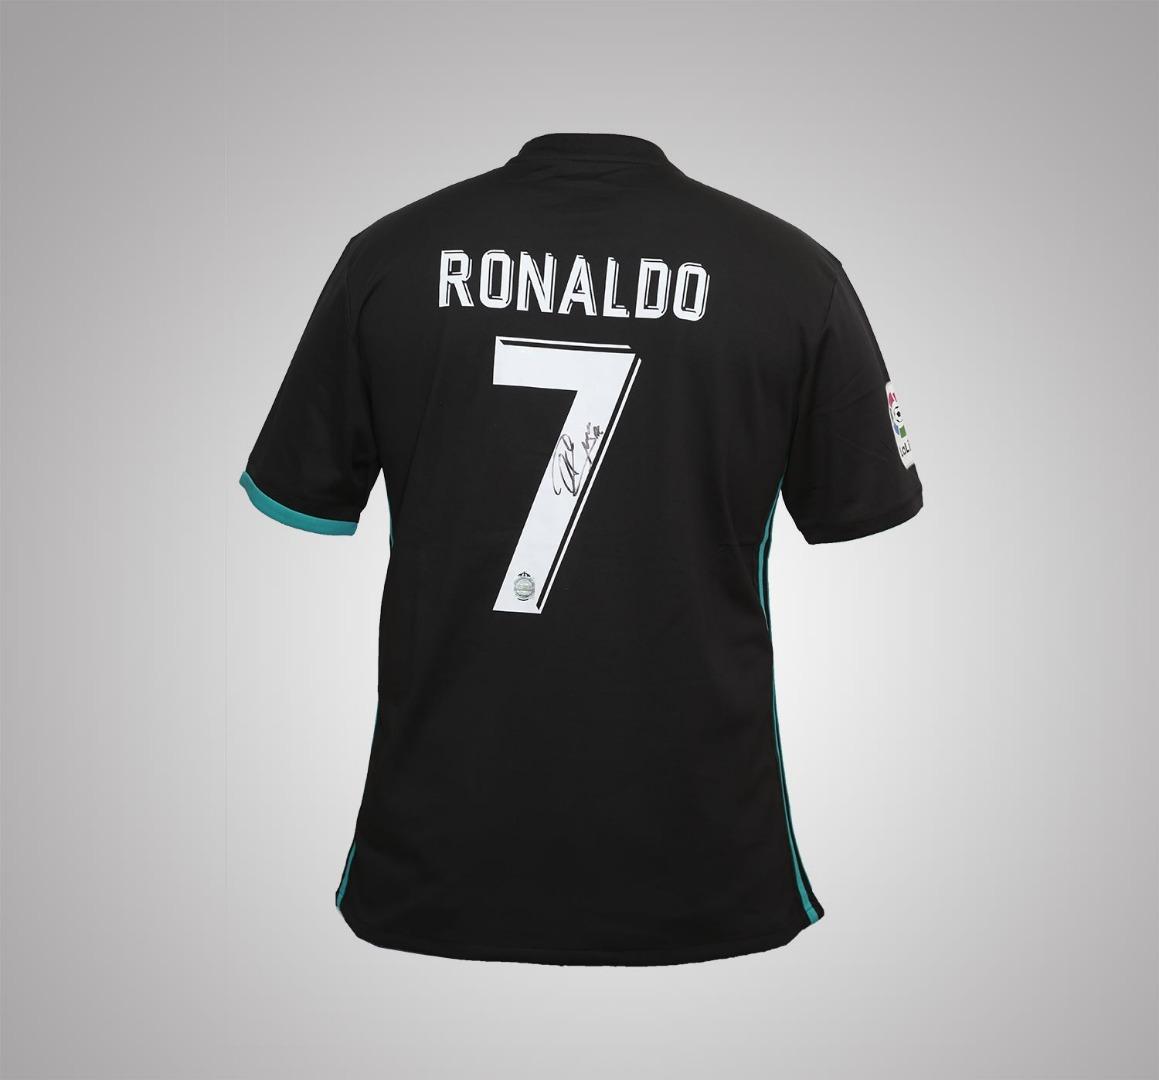 Camisola de Cristiano Ronaldo do Real Madrid, autografada pelo jogador